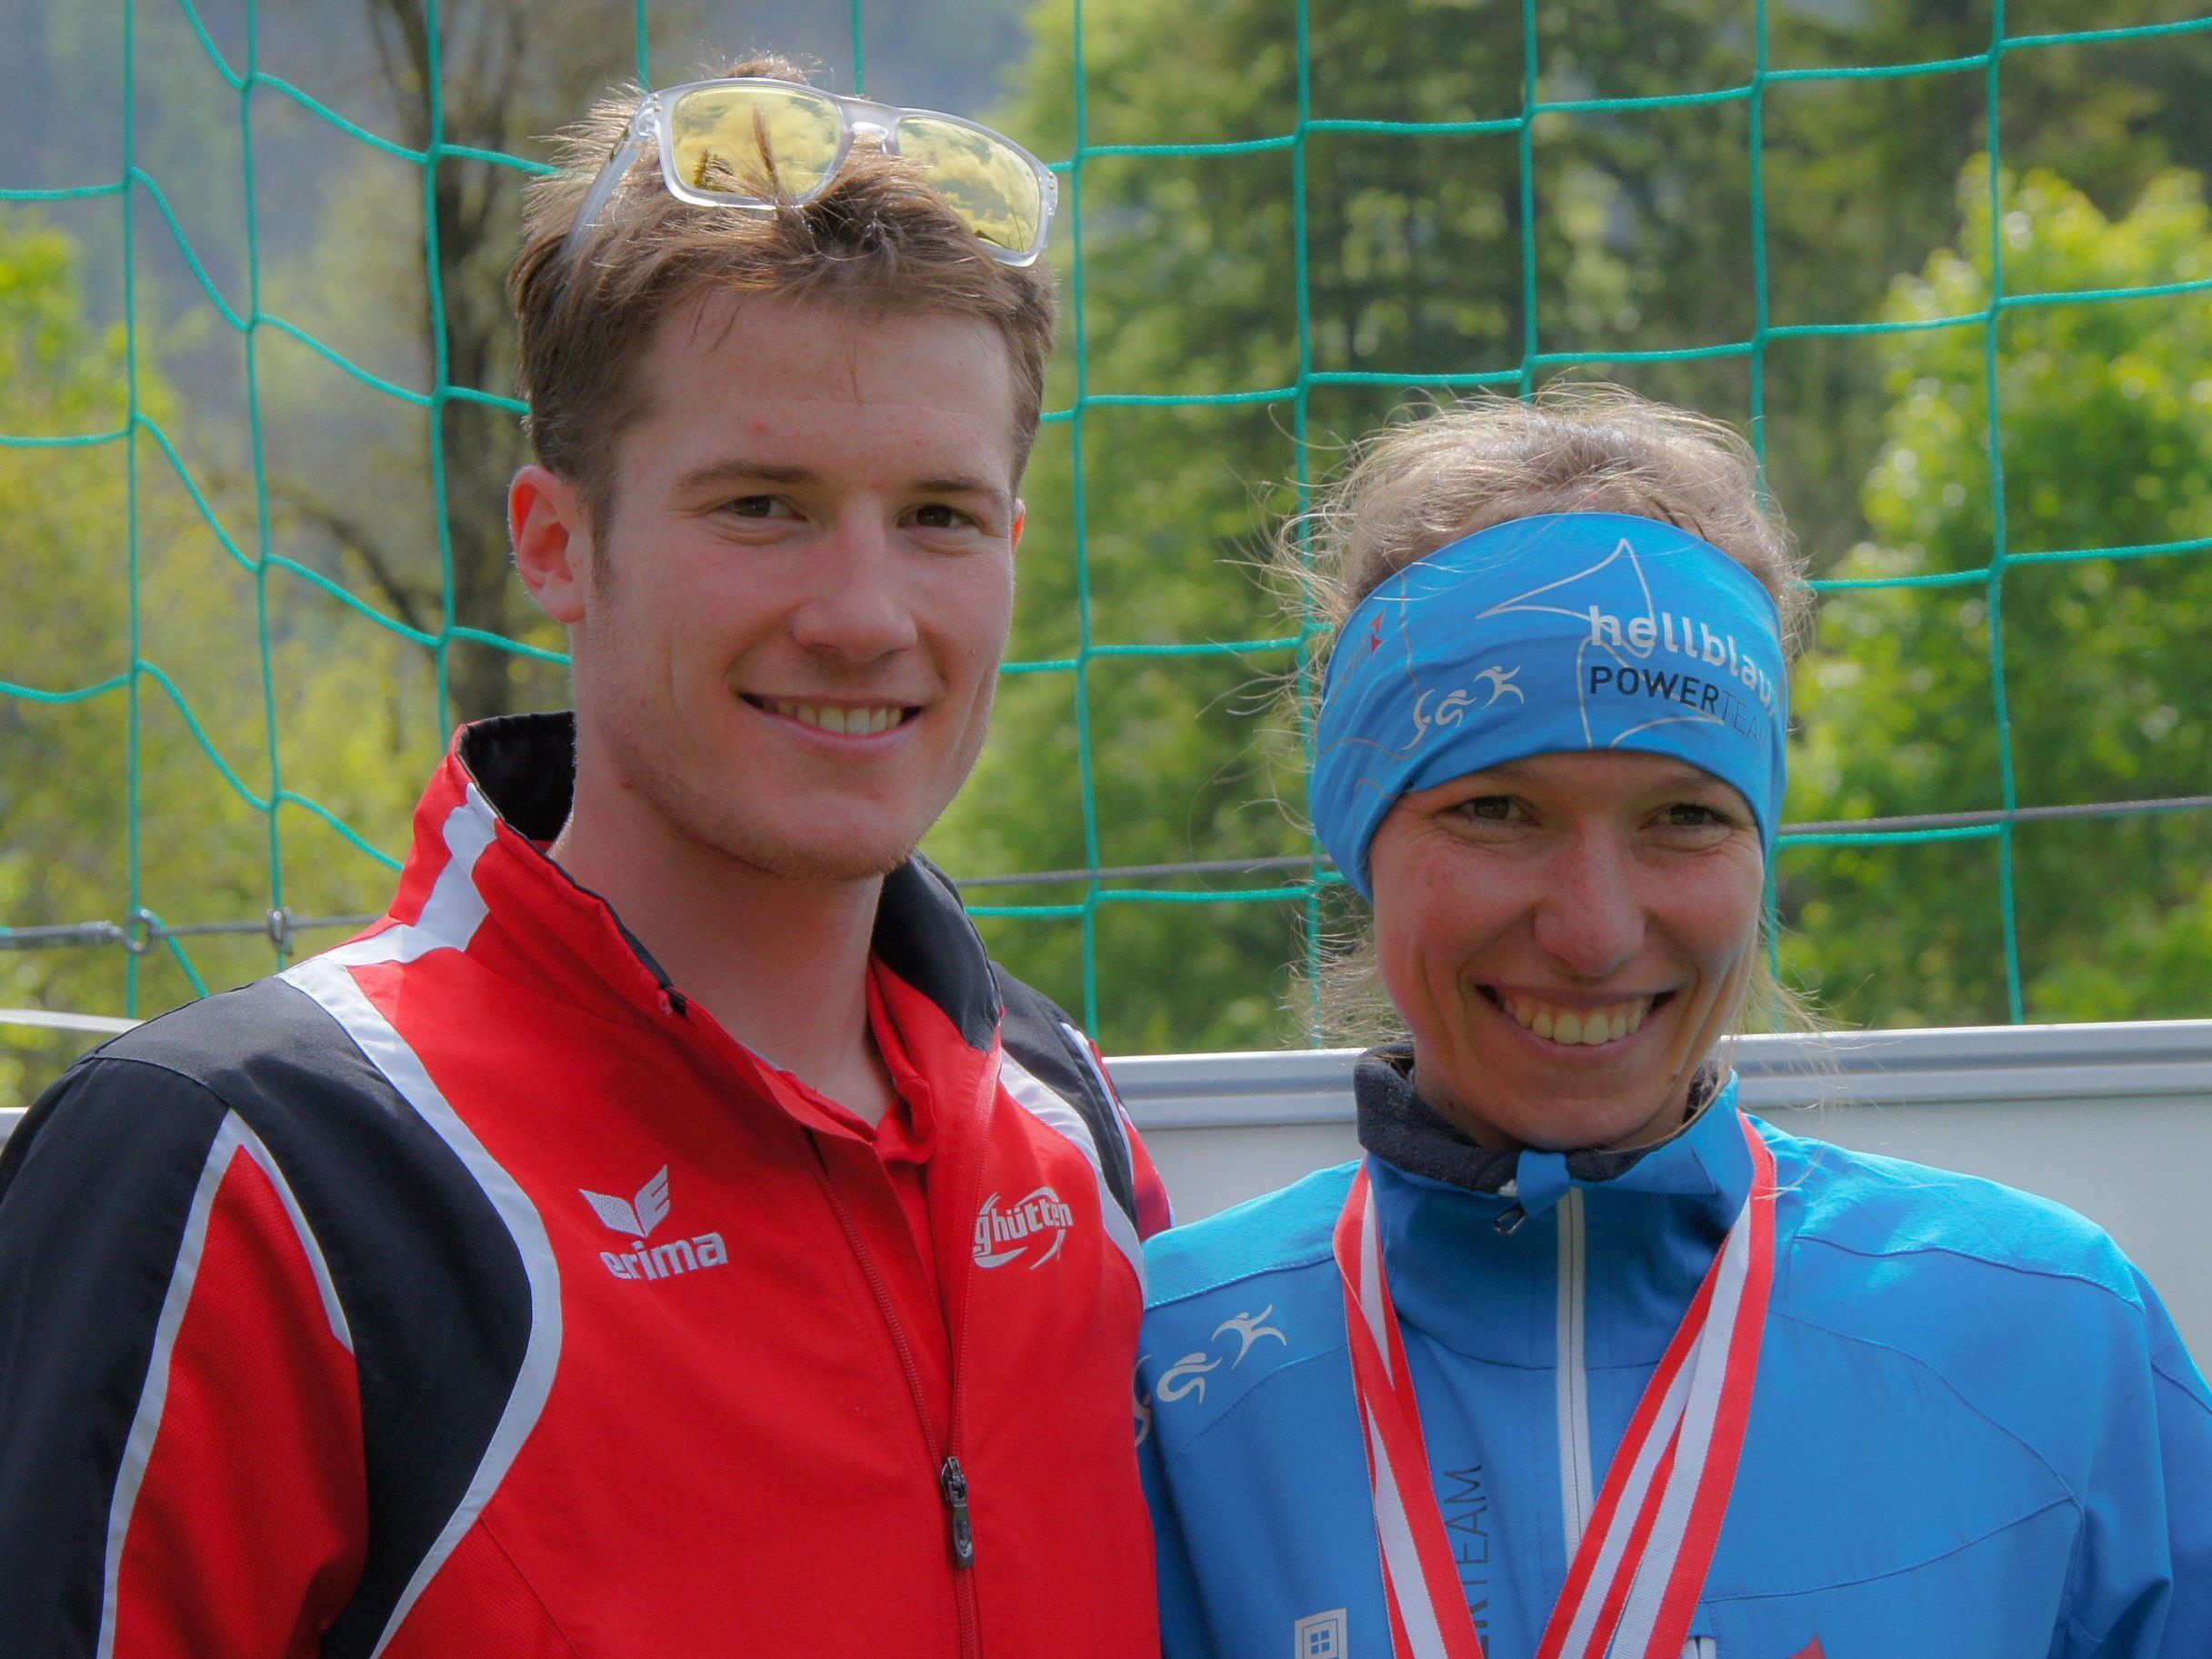 Denise Neufert und Martin Bader sind die Titelverteidiger